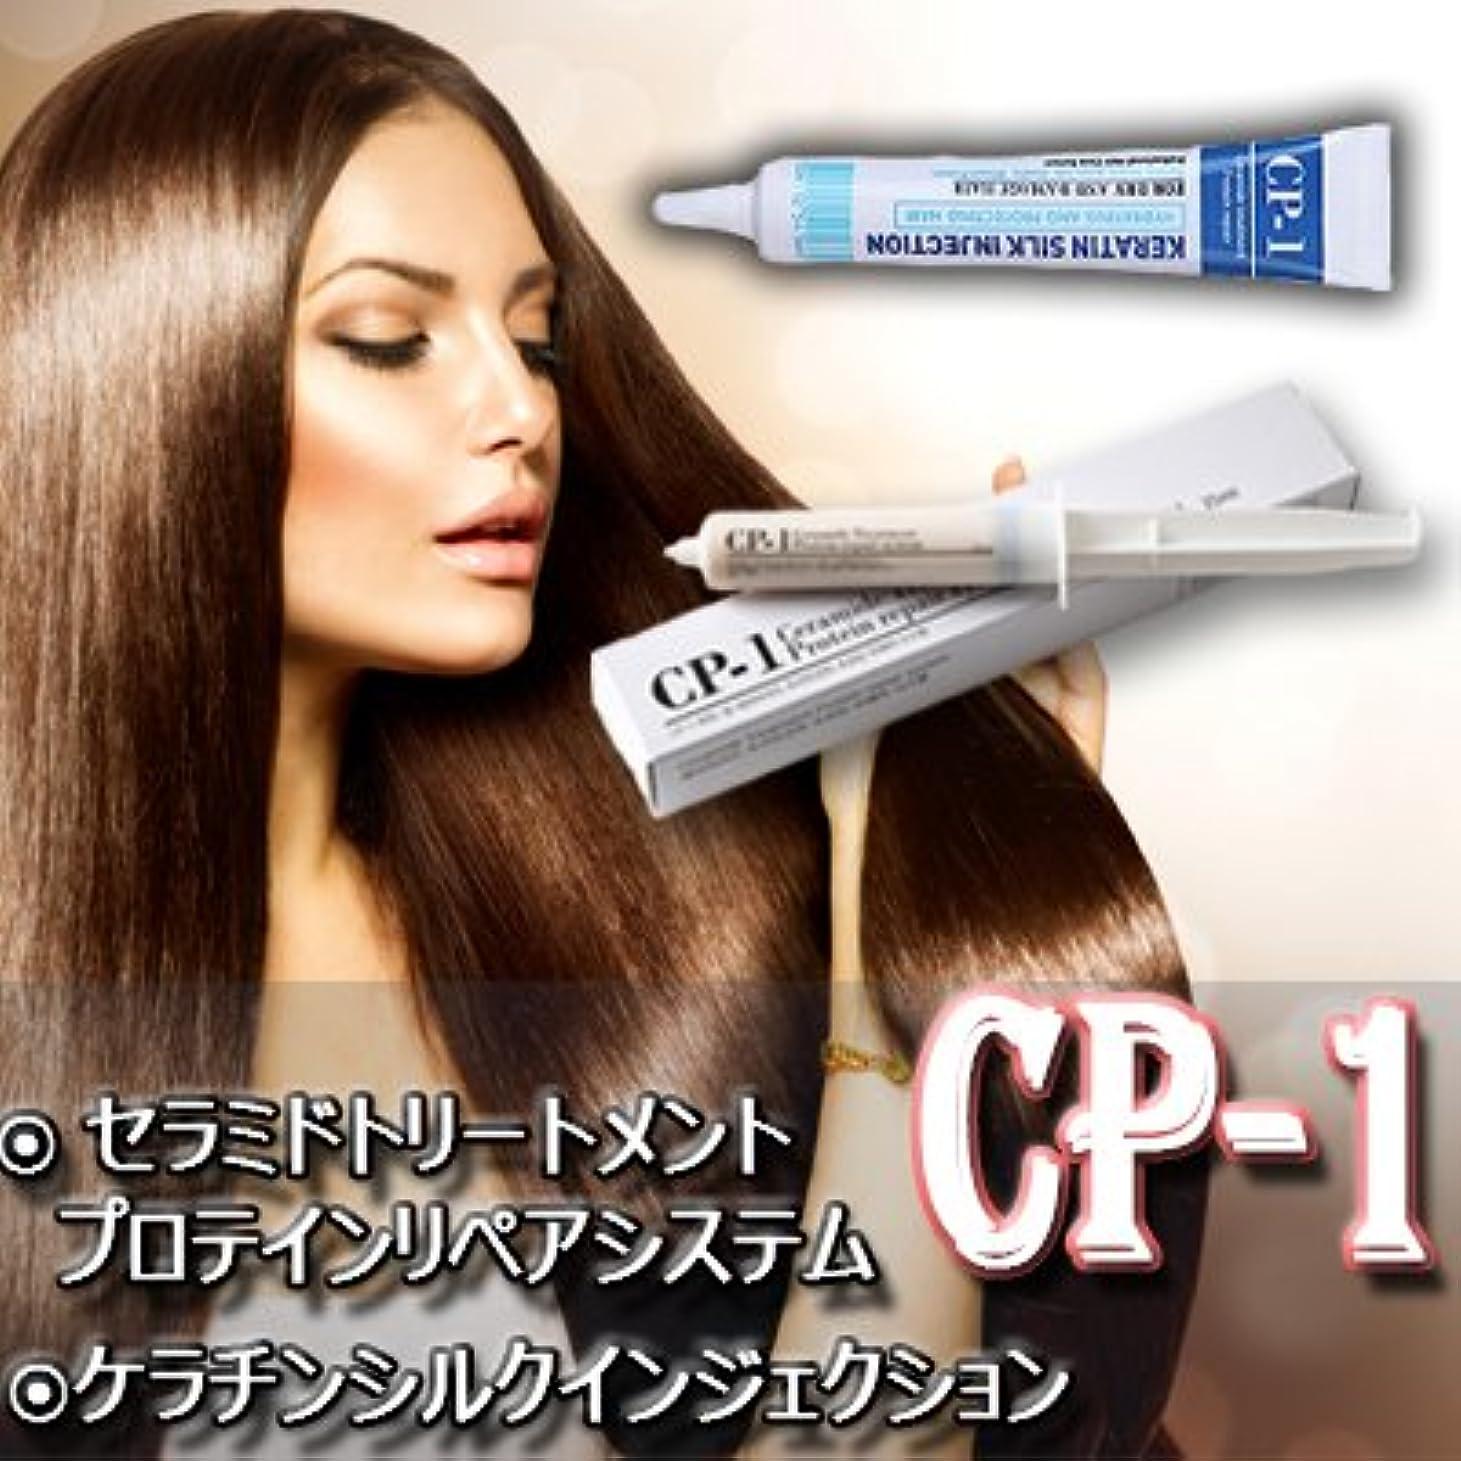 代表してコースもの[CP-1 Keratin 10pcs 1タンパク質アンプル] 洗いながすことなく塗るだけOK!毎日使用してください!【10個入り】